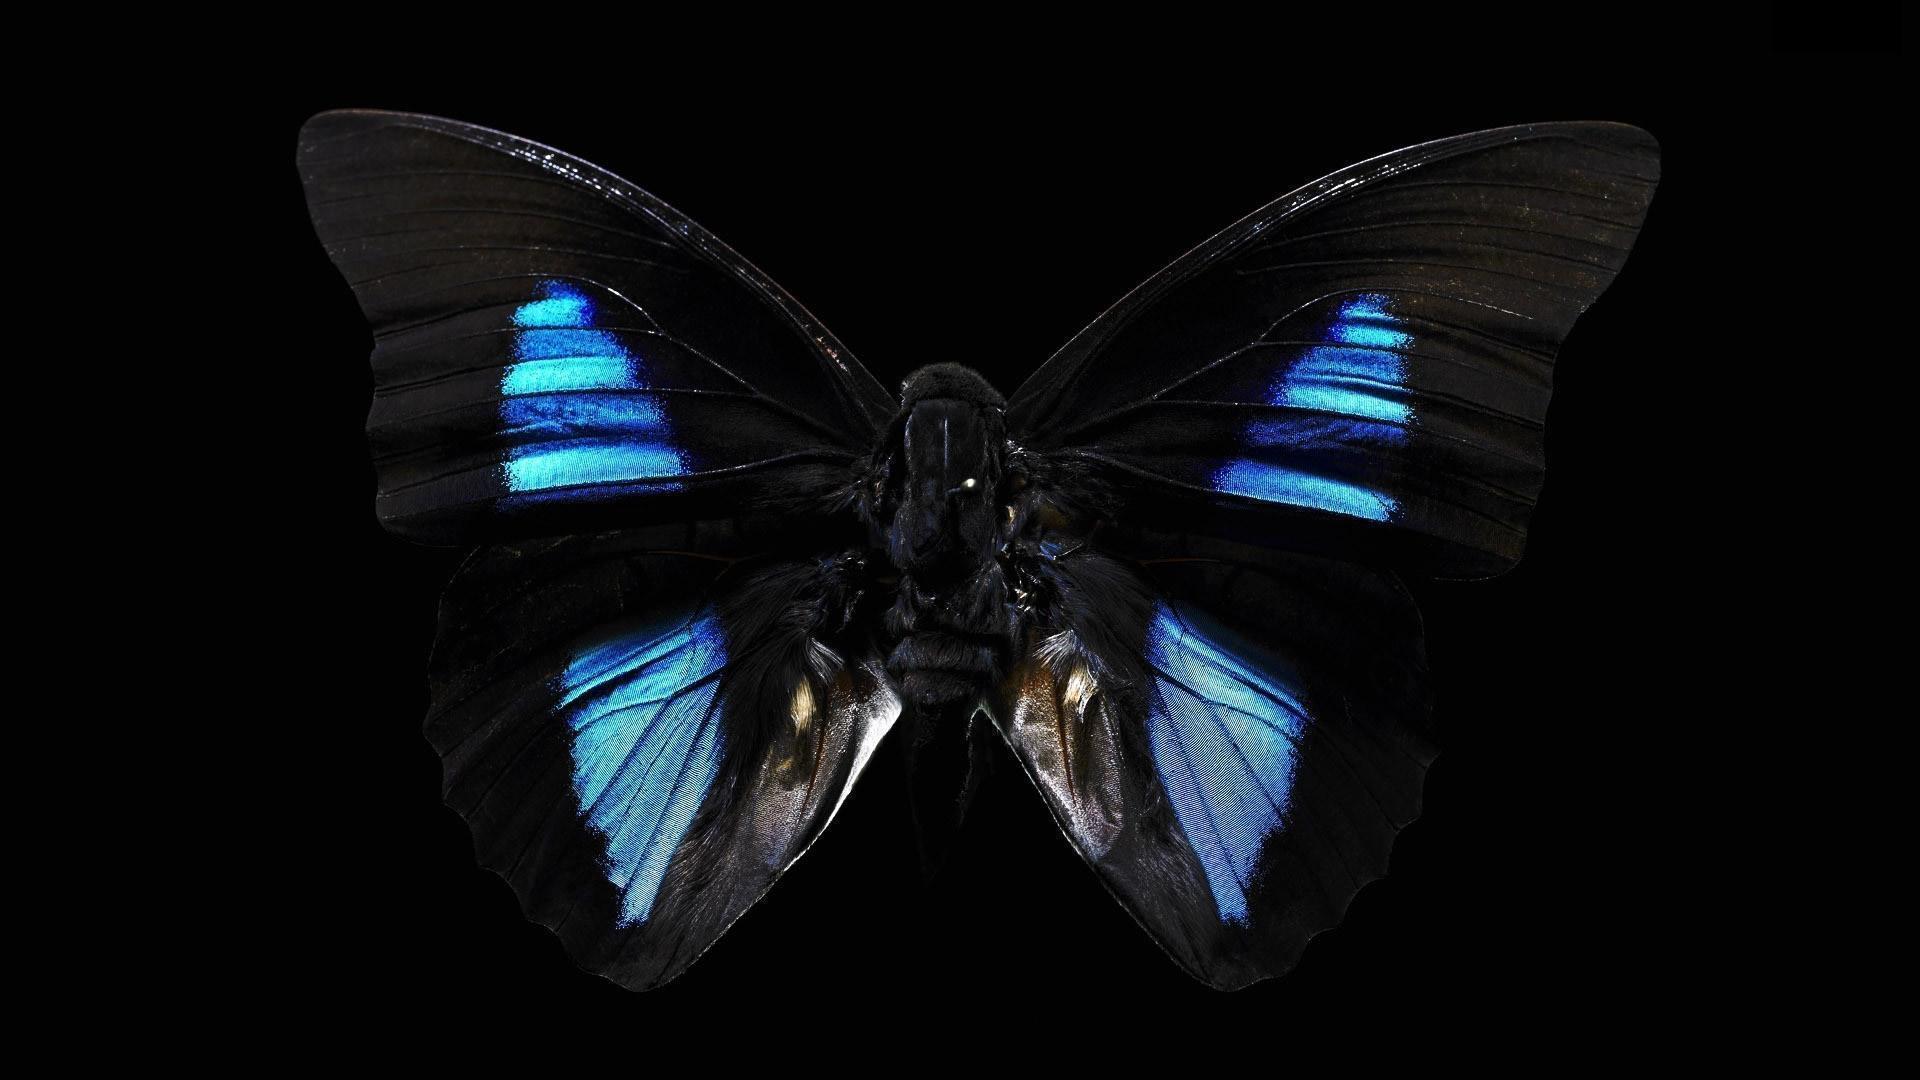 Butterfly Black Background Hd Wallpapers Desktop Free